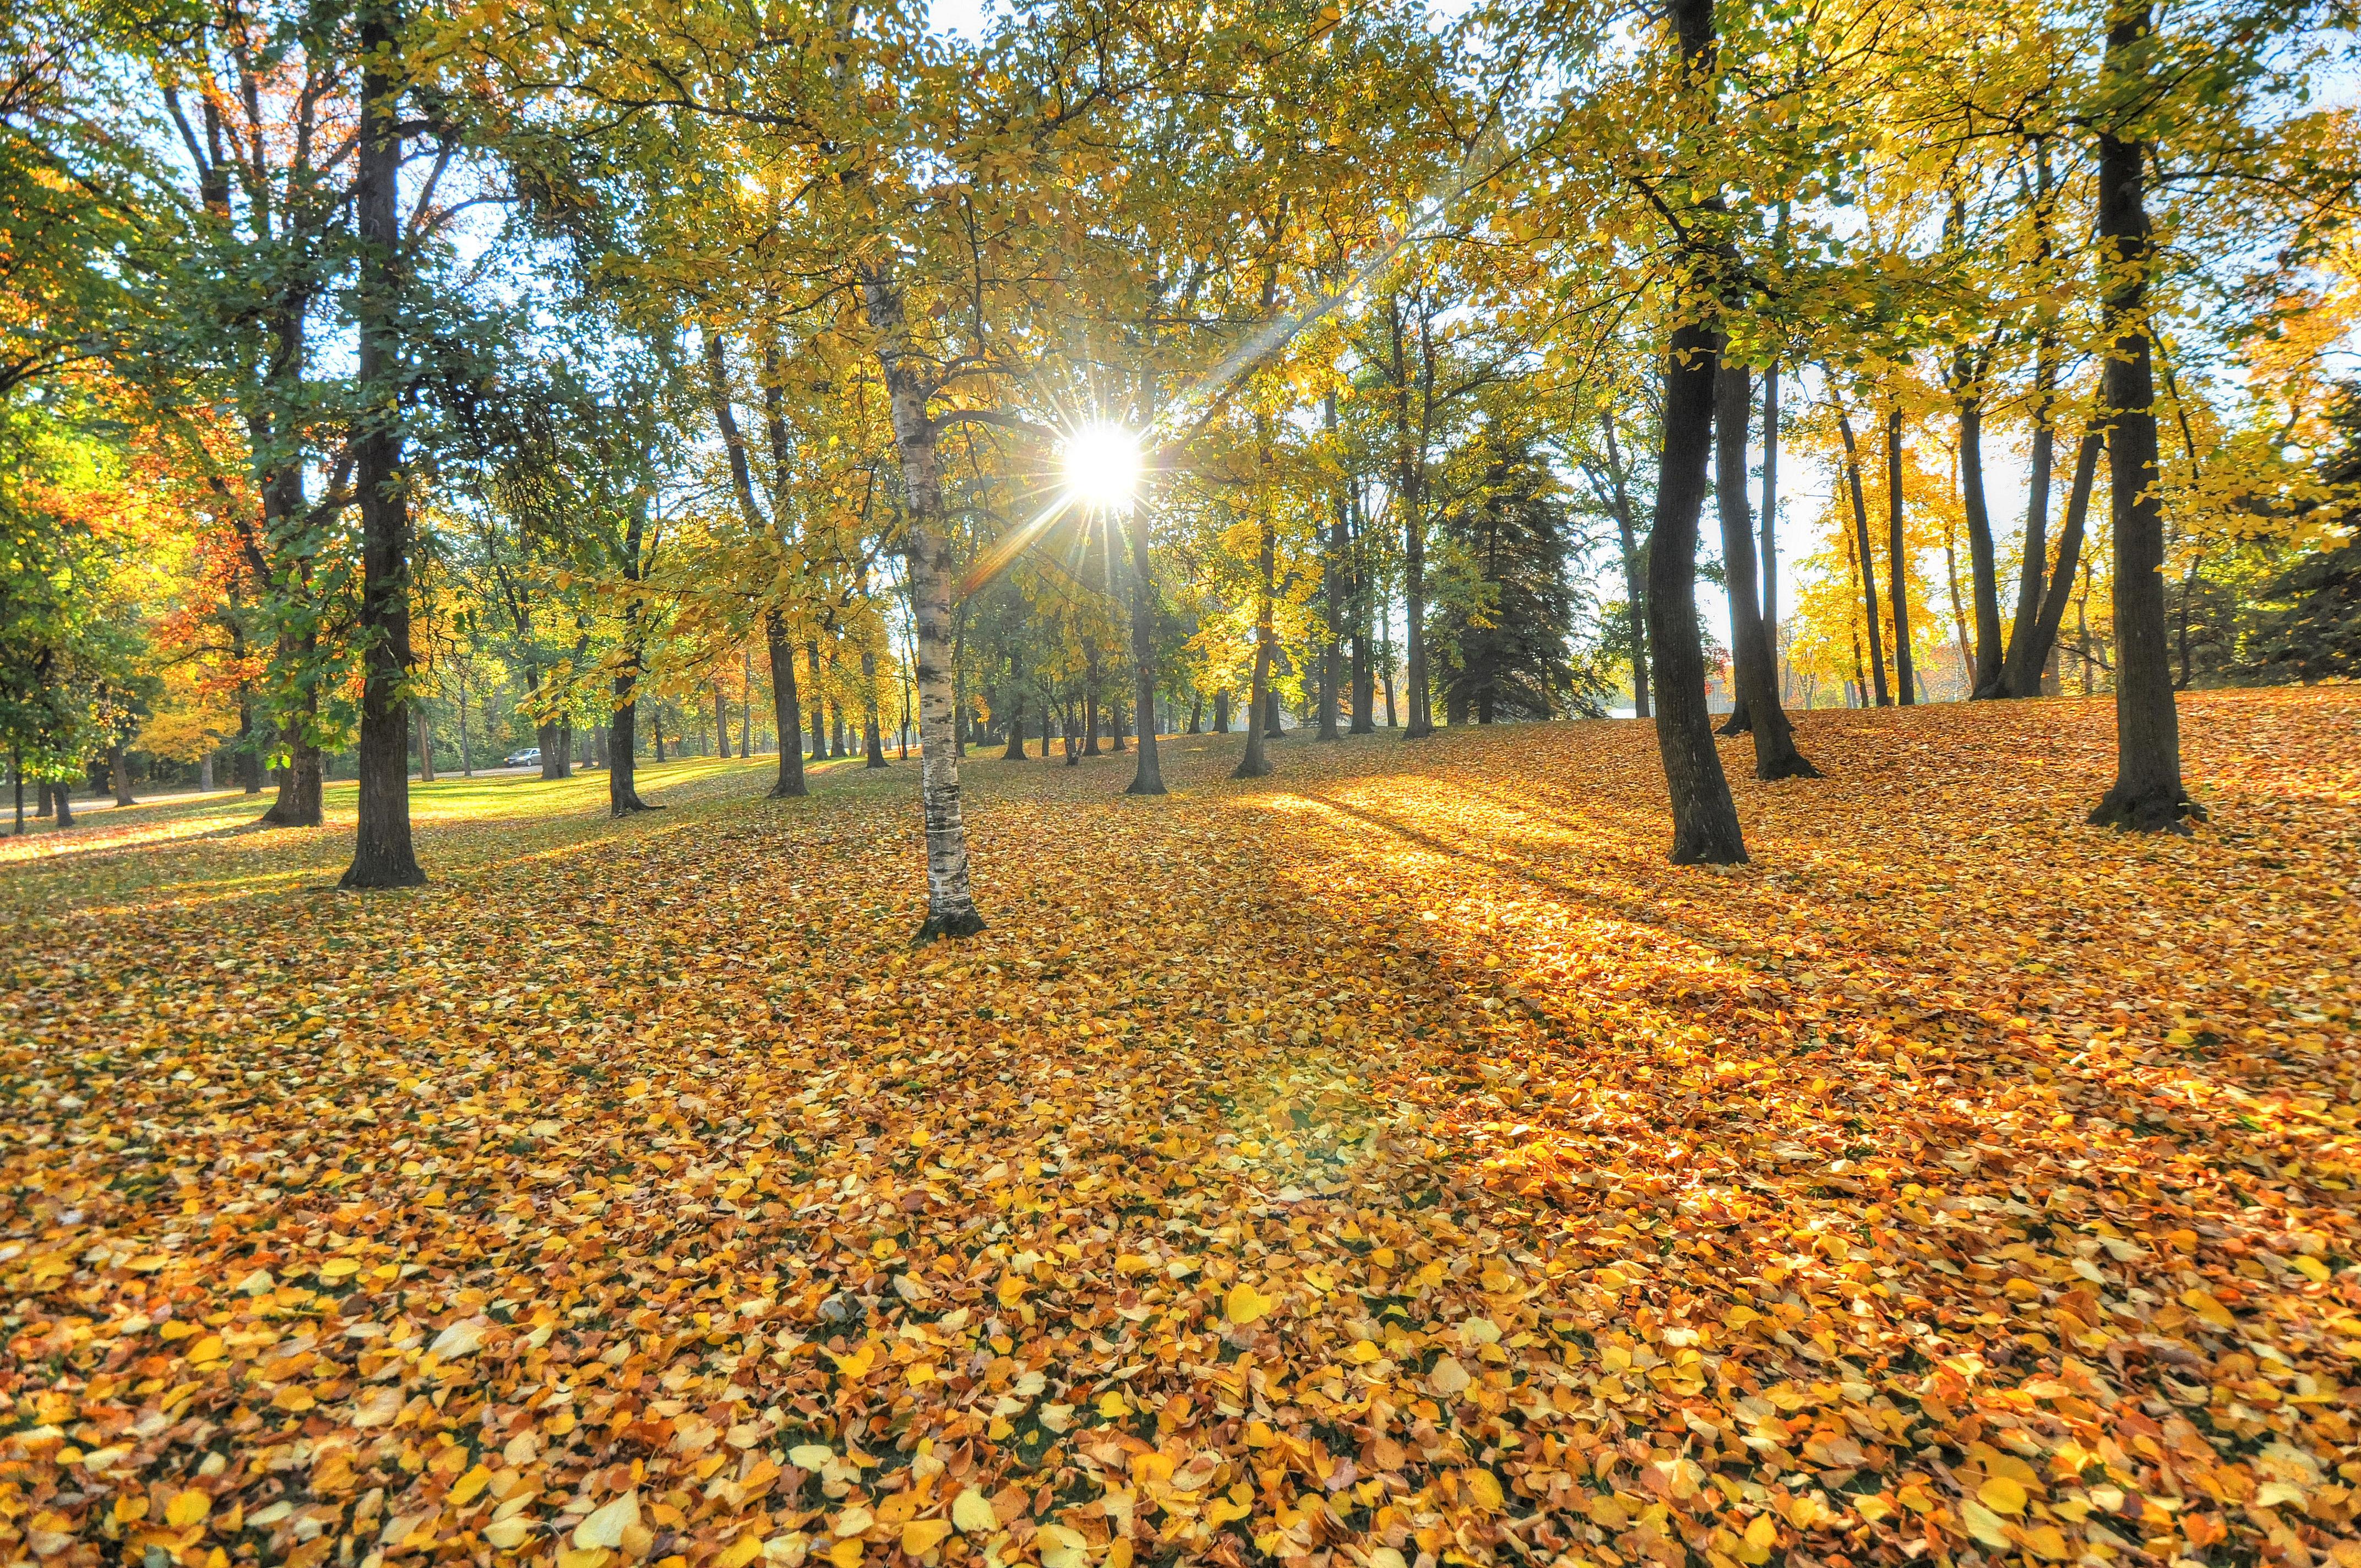 доброе утро картинки с лесом осенним поскольку